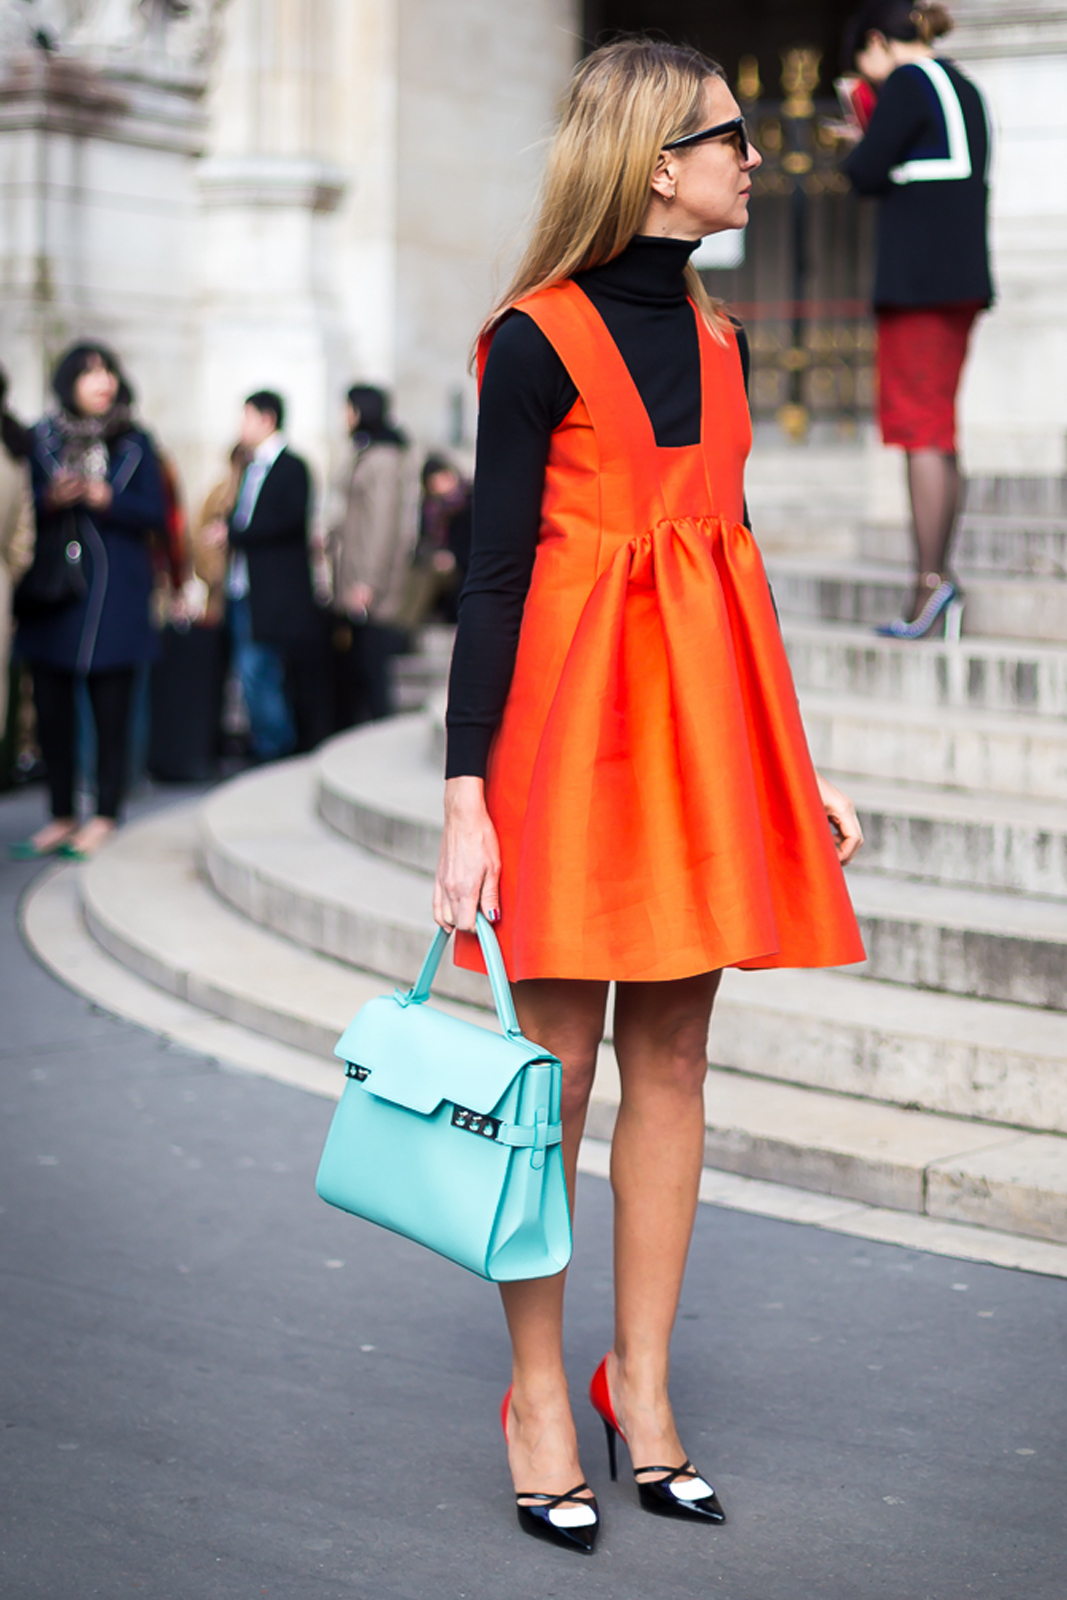 Buat Penampilanmu Lebih Segar dengan Warna Oranye!